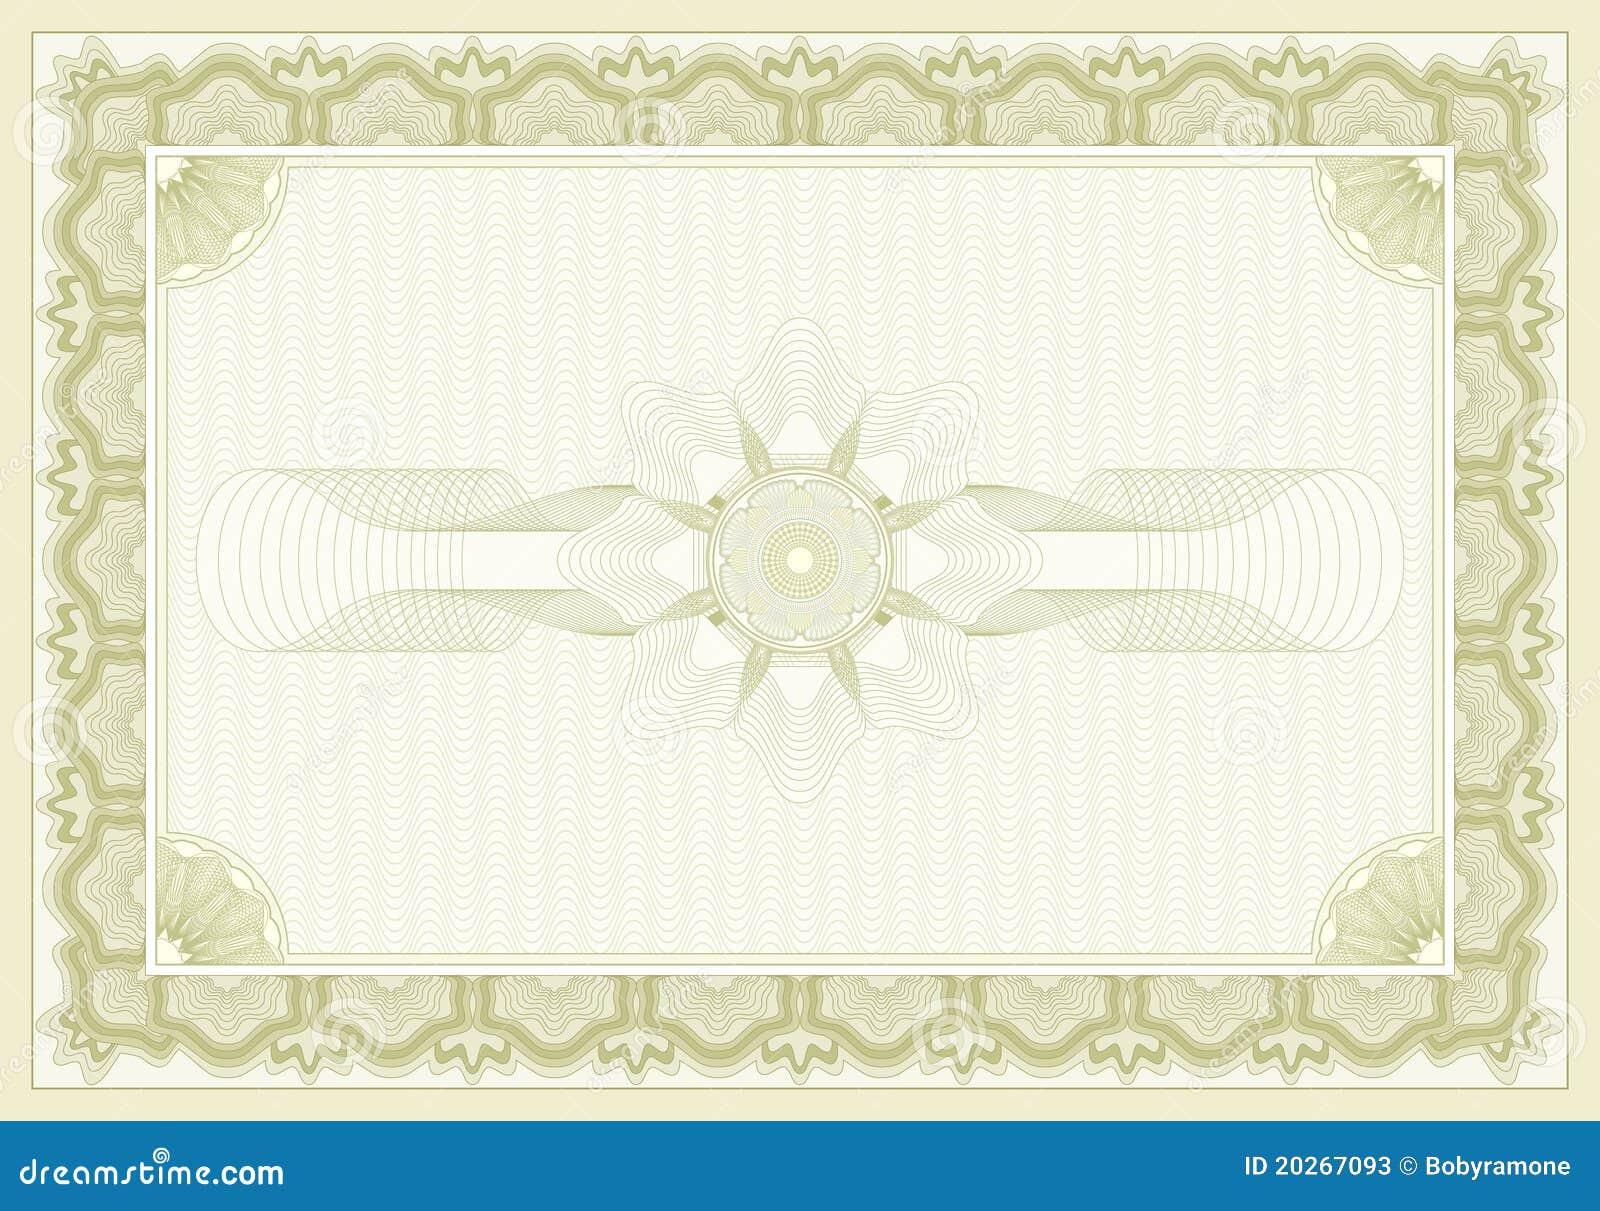 diploma format certificate